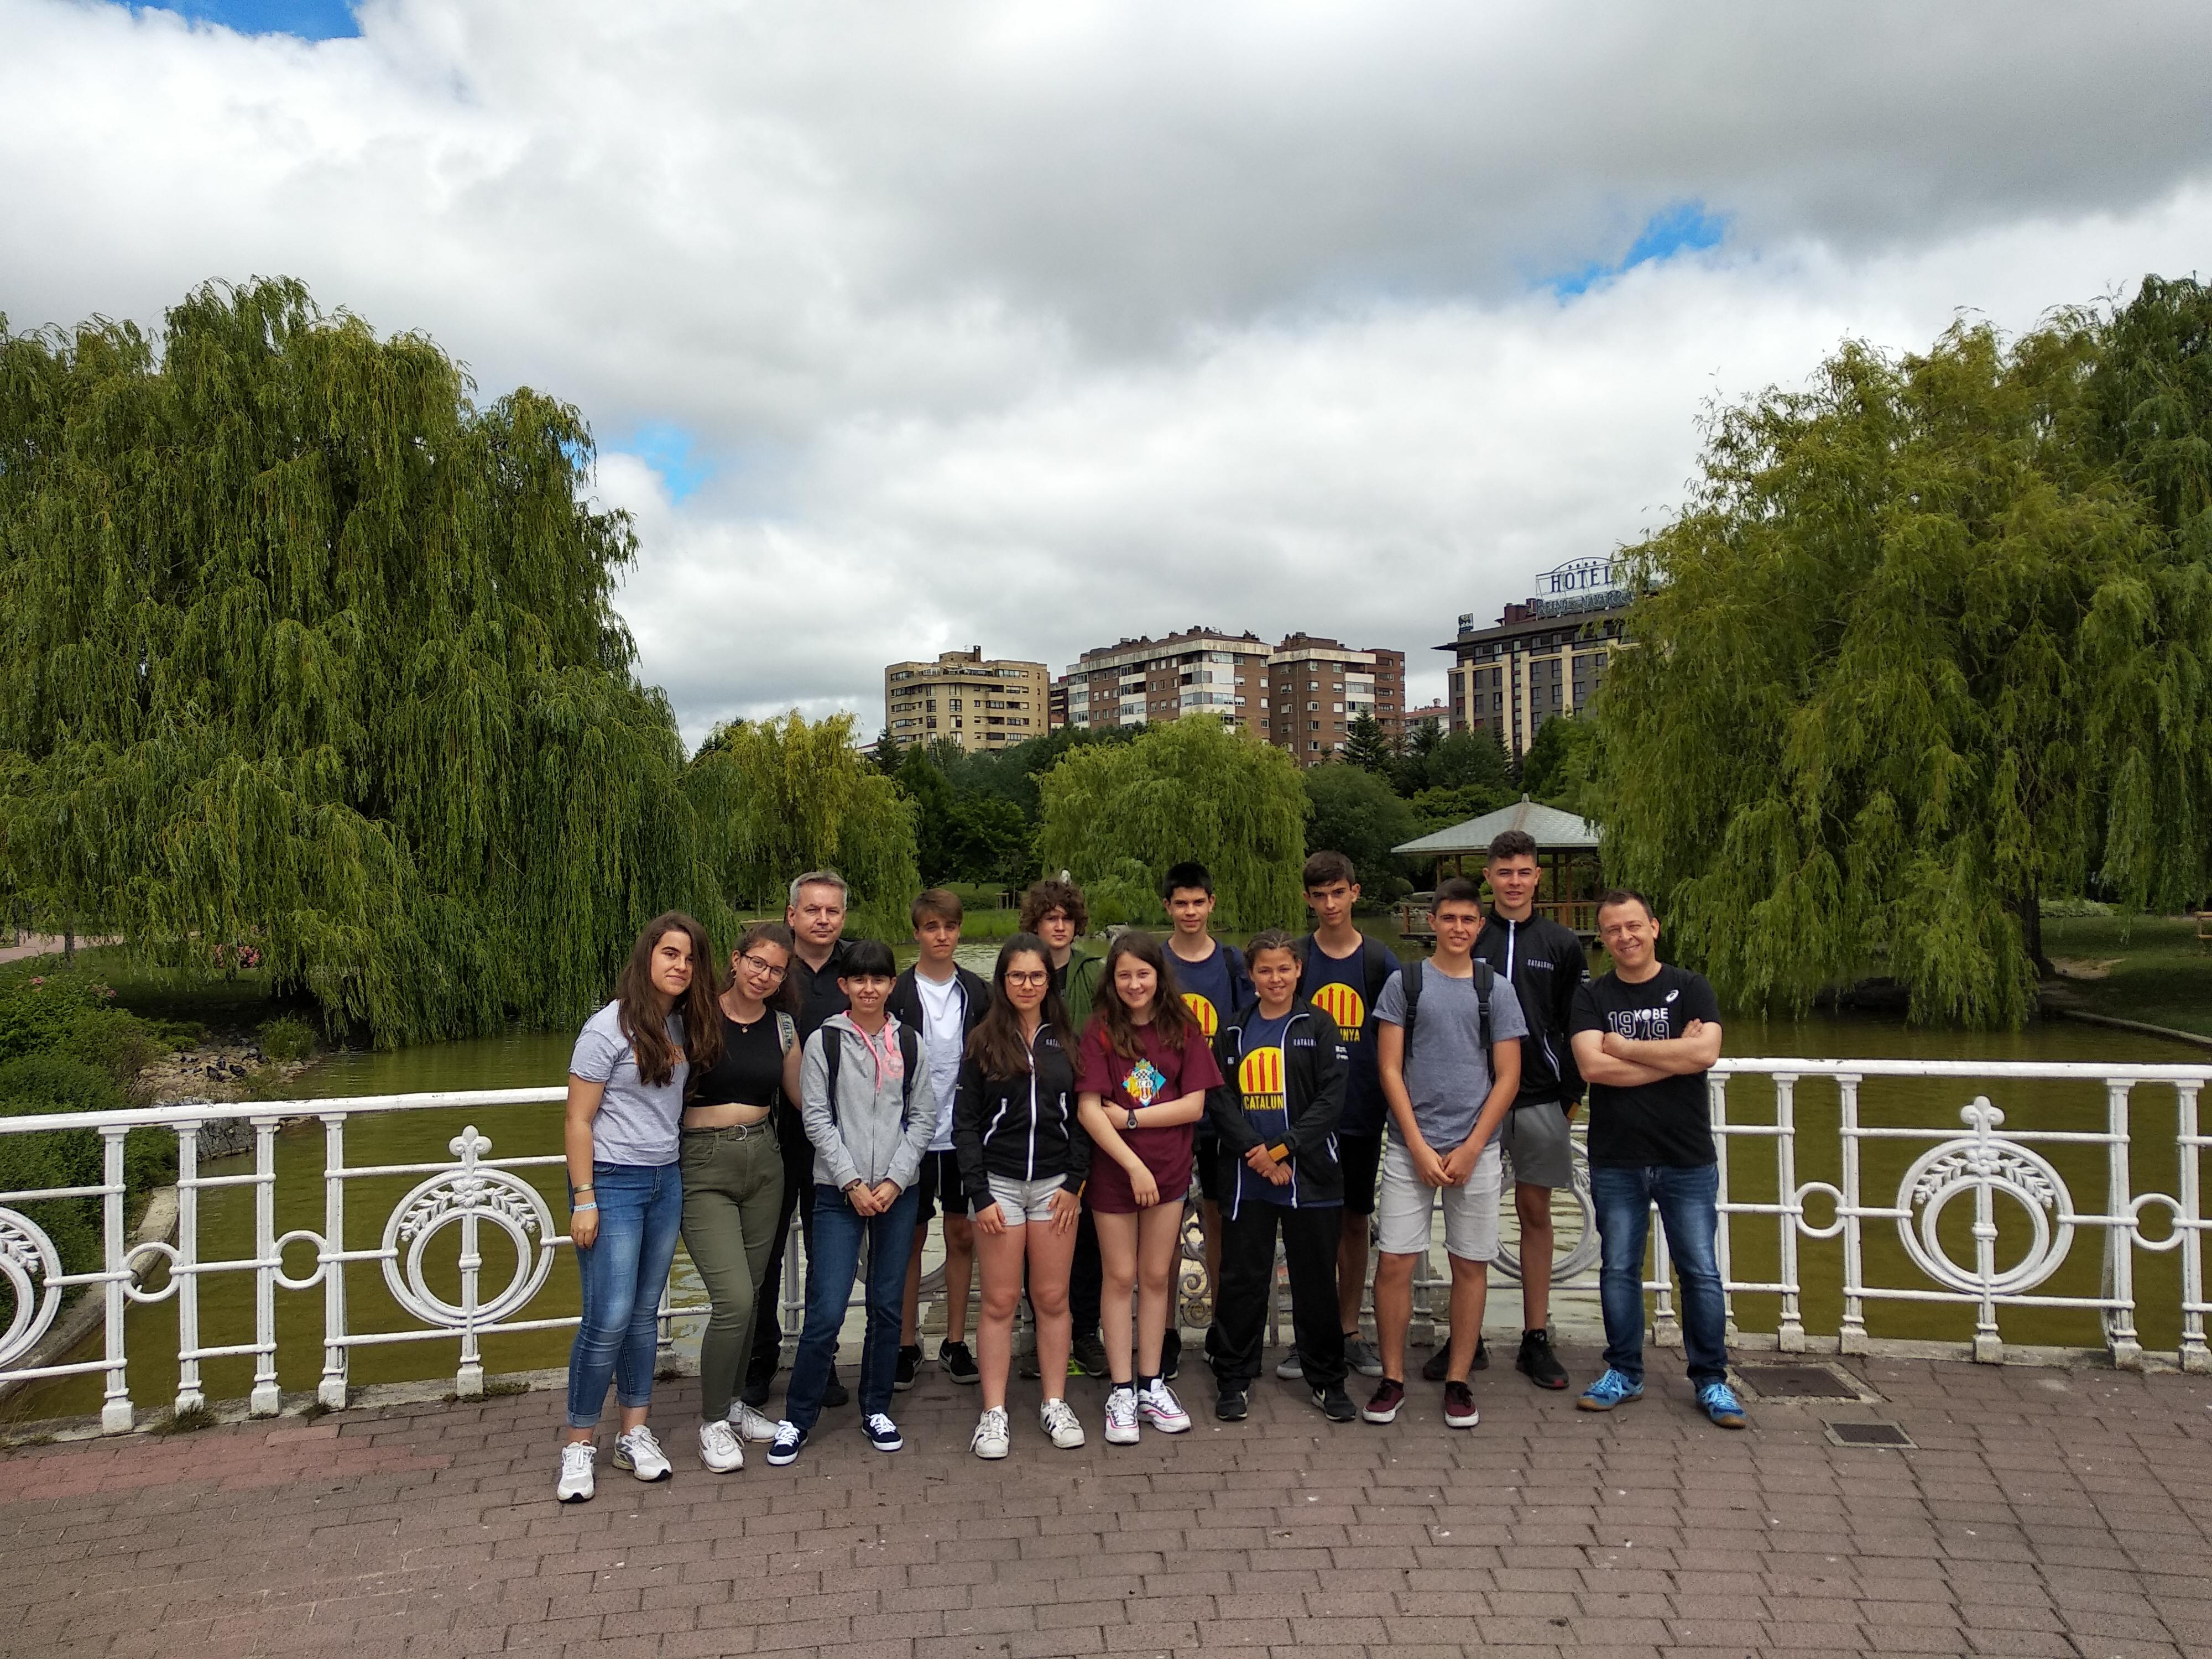 La expedición catalana en el Parque de Yamaguchi